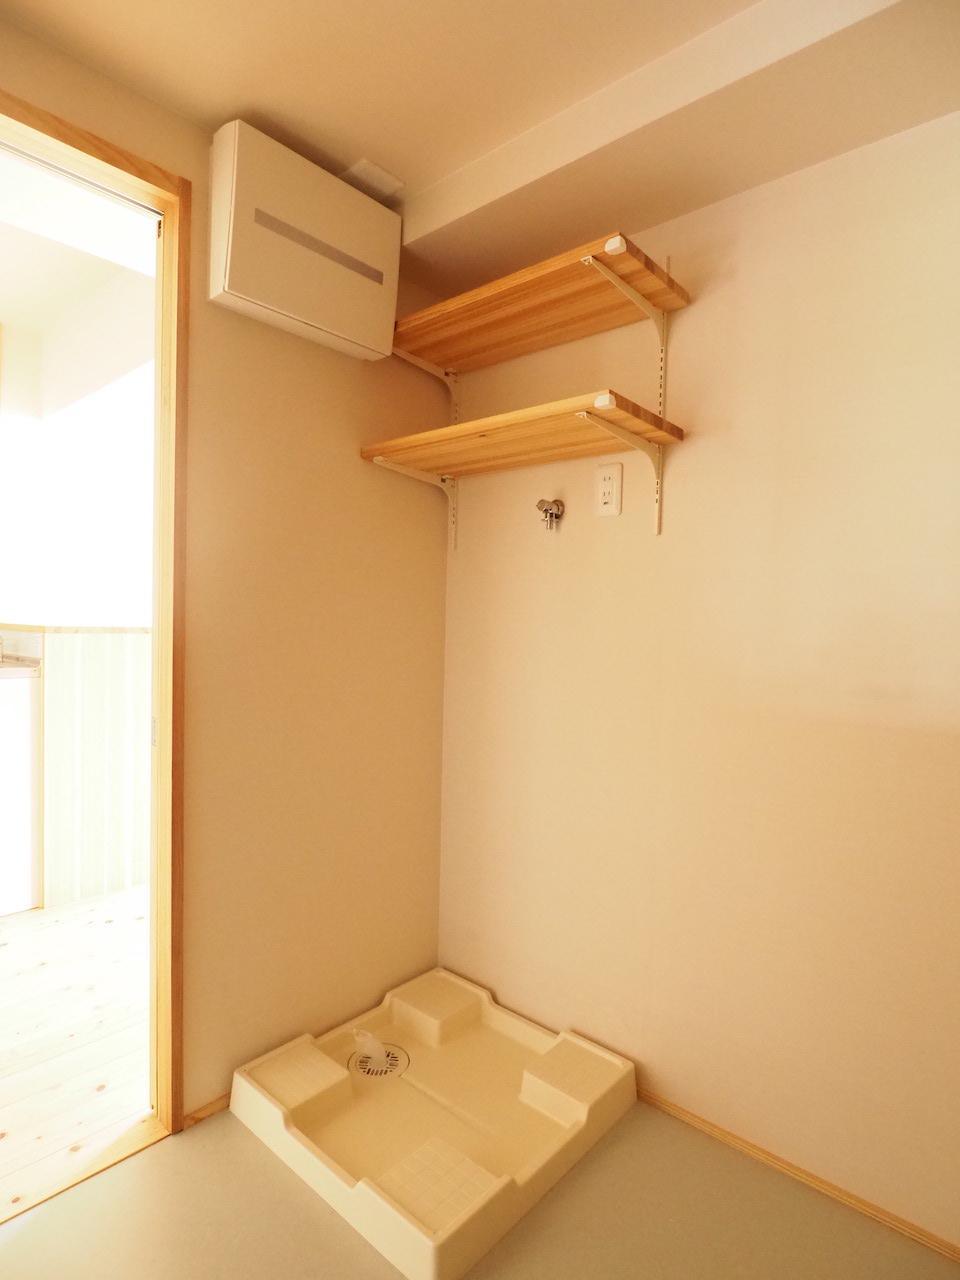 洗濯機置き場。上にある棚が地味にありがたい。